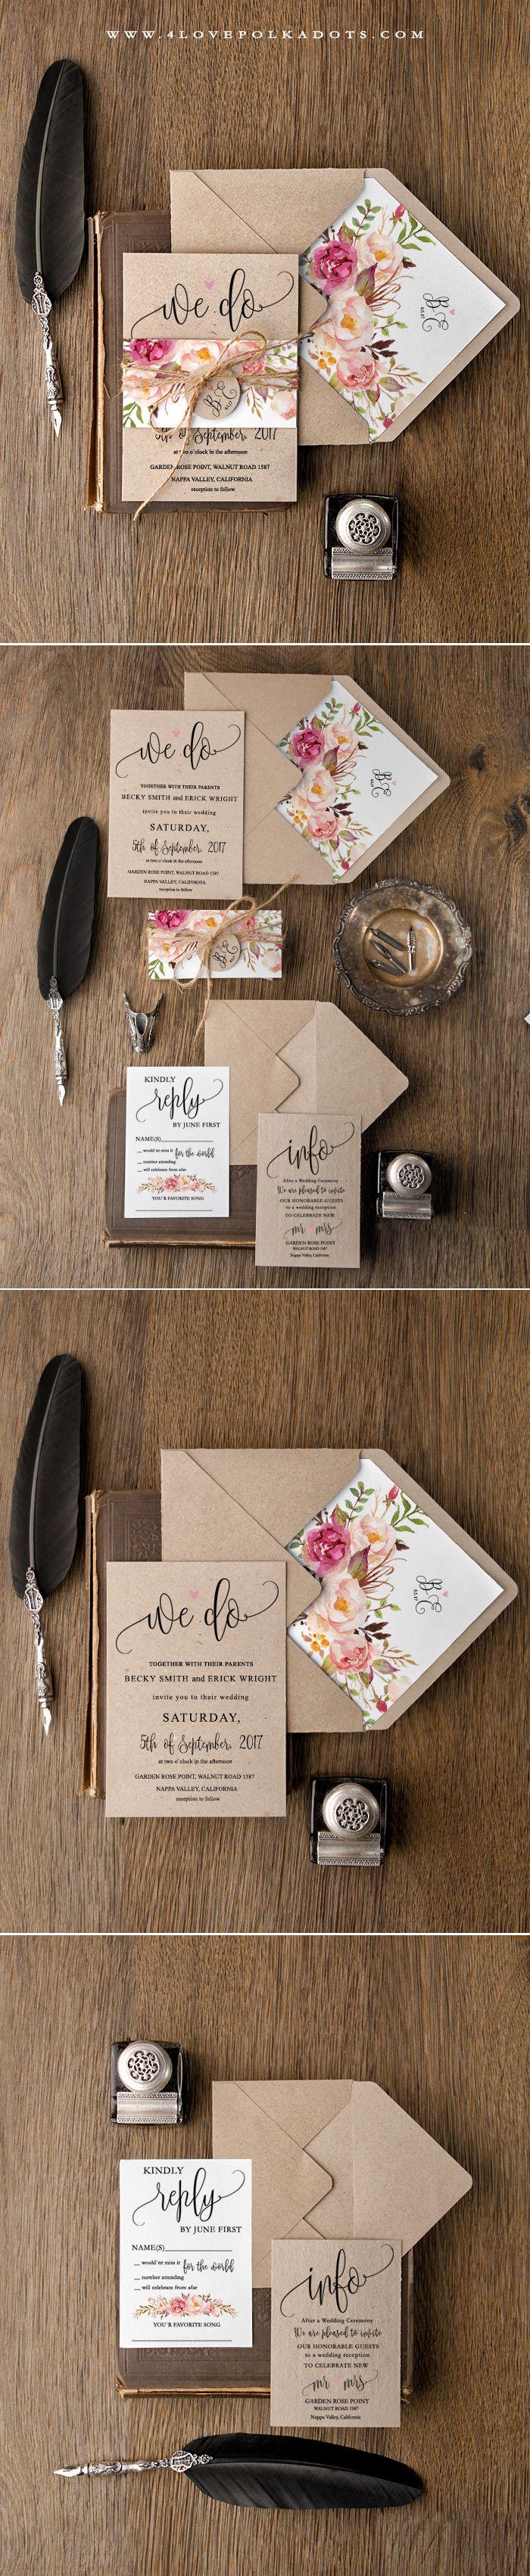 We do uc boho wedding invitations eco papers floral prístina